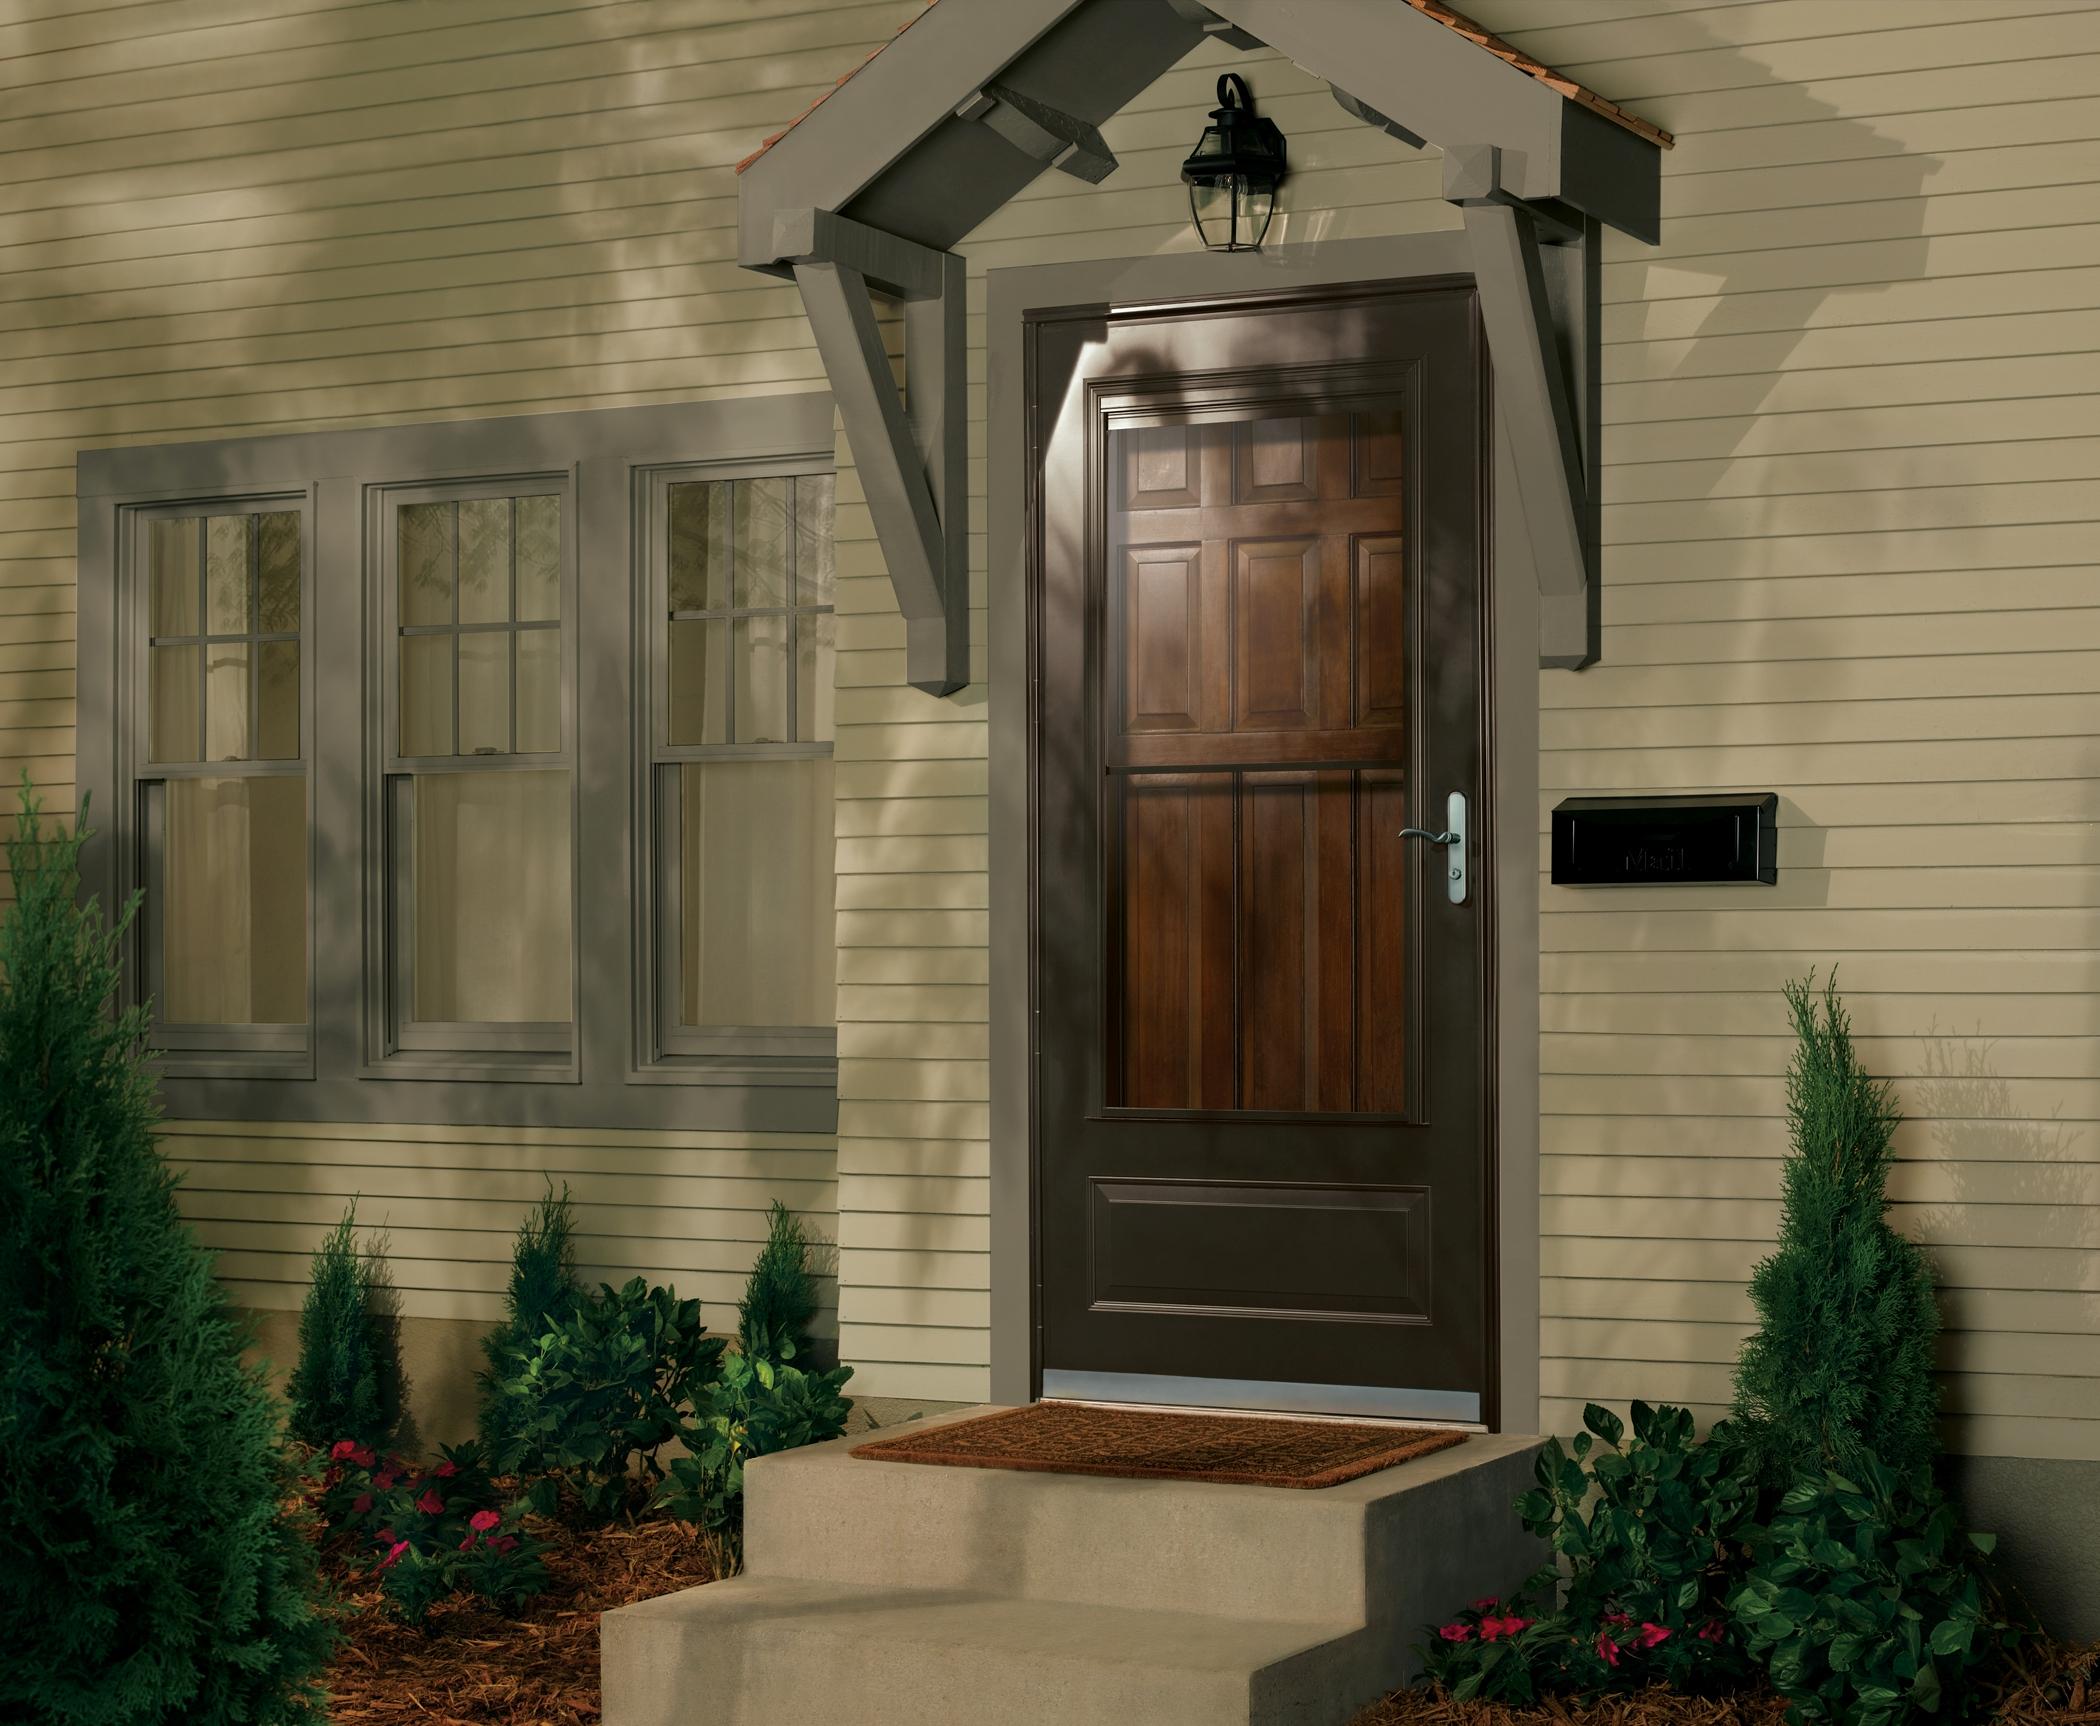 Glass storm doors home emco storm door 3rd glass terratone eventelaan Image collections